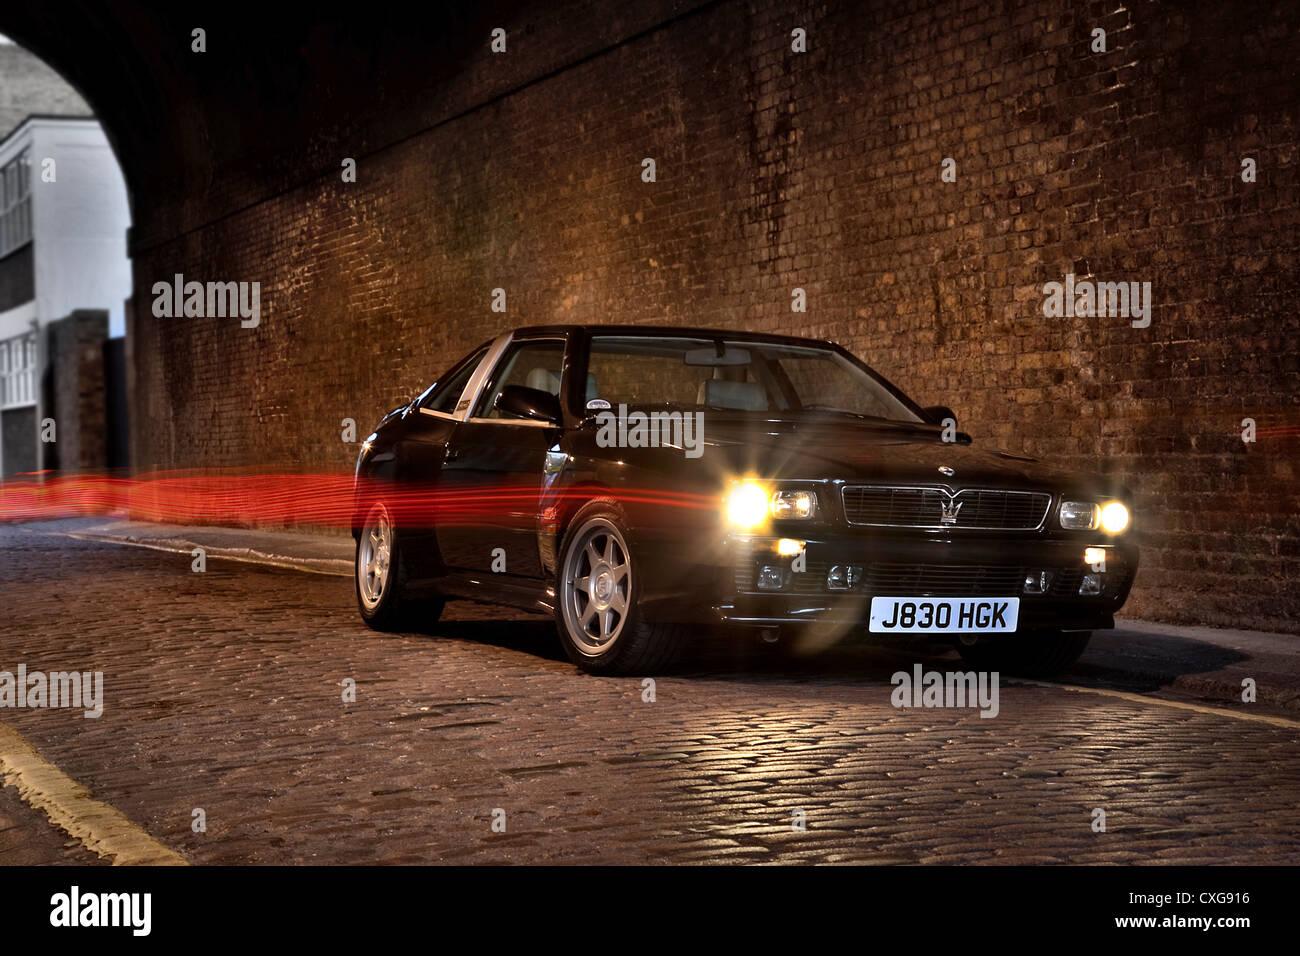 Maserati Shamal 1991 - Stock Image